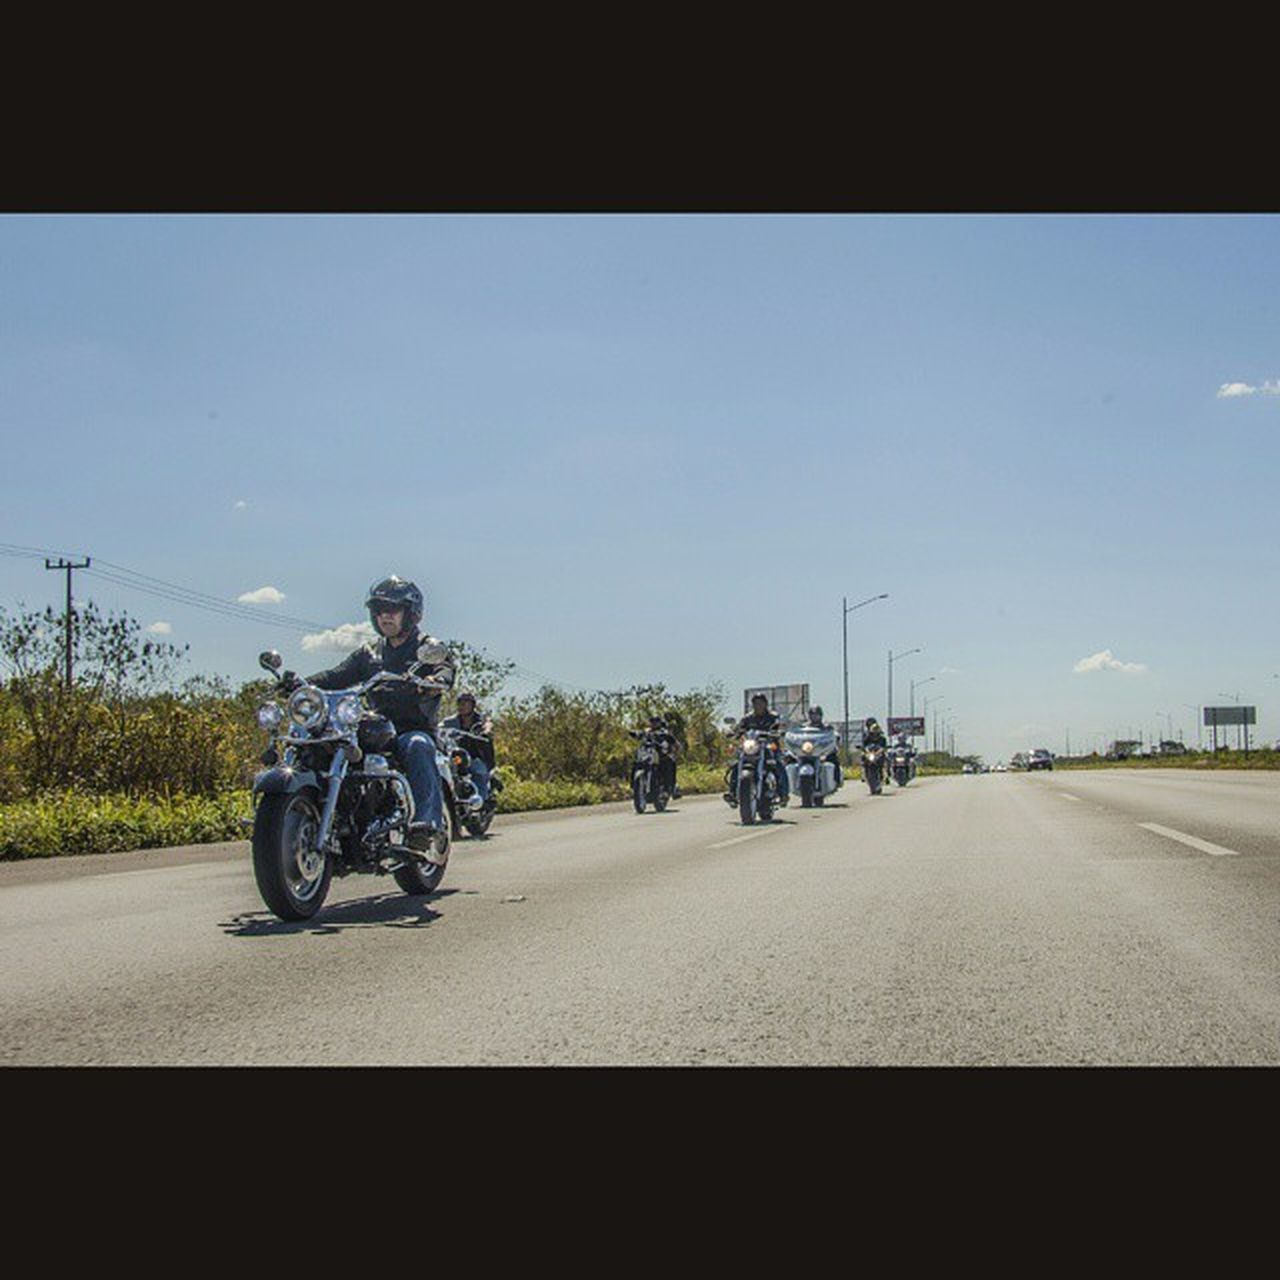 Squareinstapic 5dmarkll Canon CanonMexicana Rocafotografia Yúcatan Mimexico Mochileromx  Moto Carretera